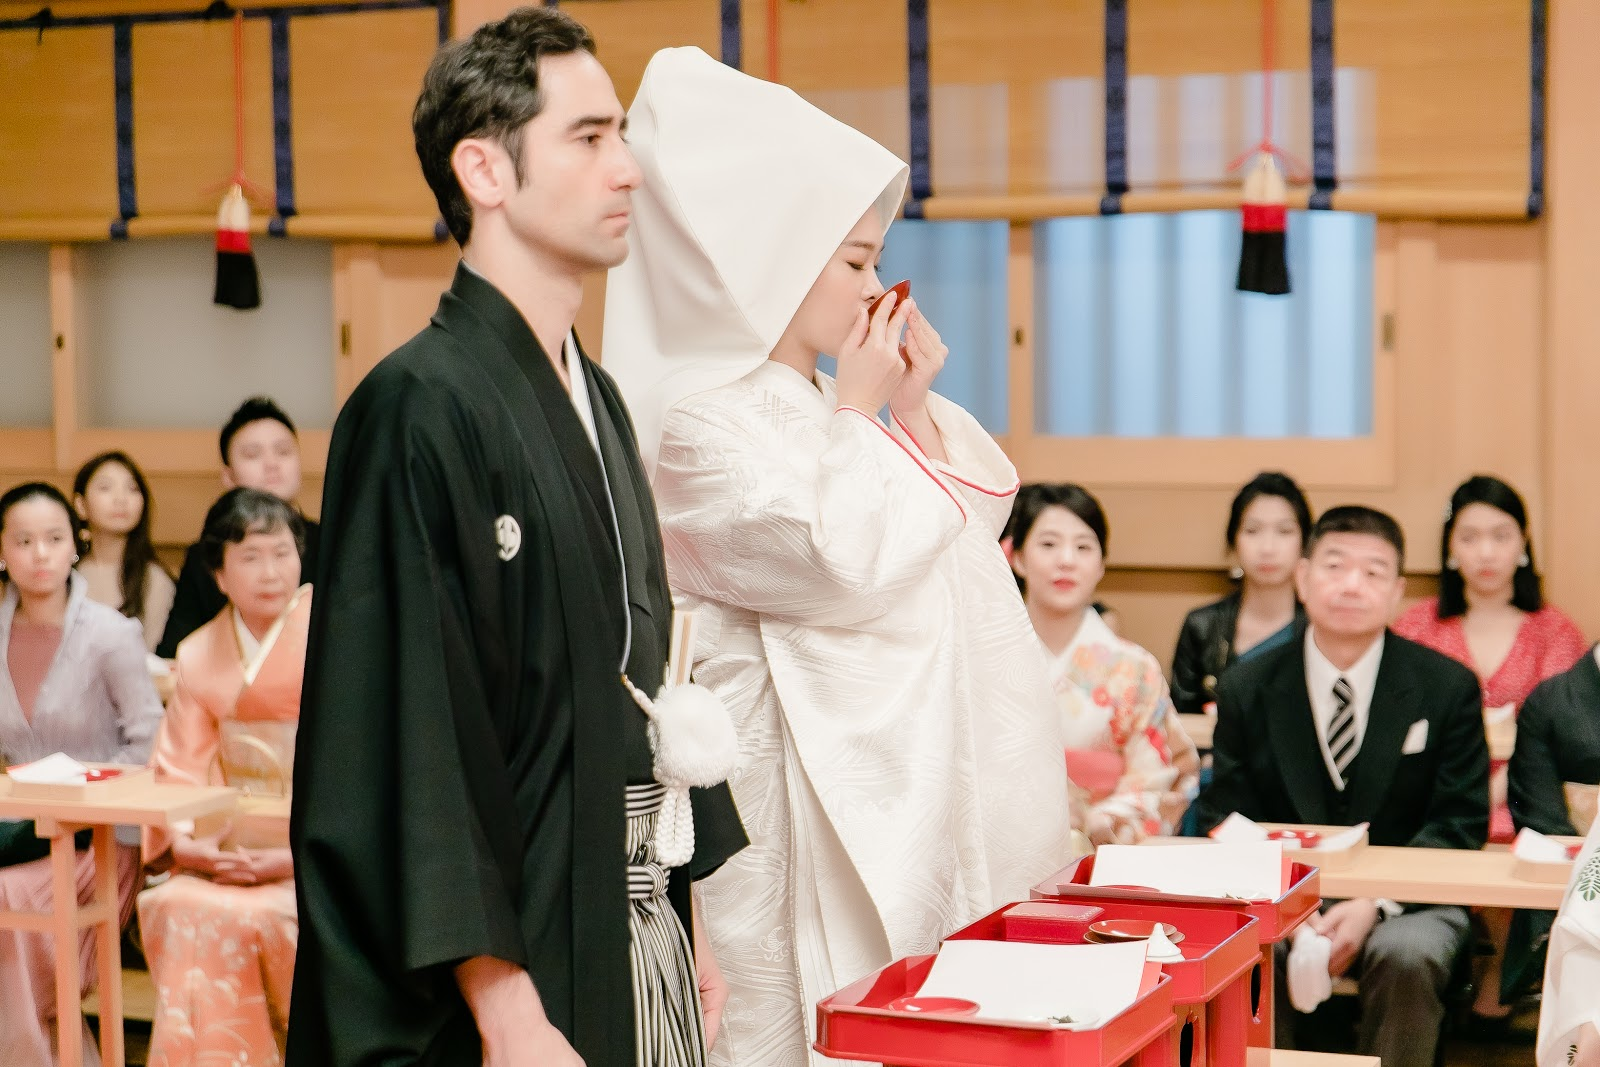 |婚禮攝影|Kenji&Evelyn 東京明治神宮婚禮